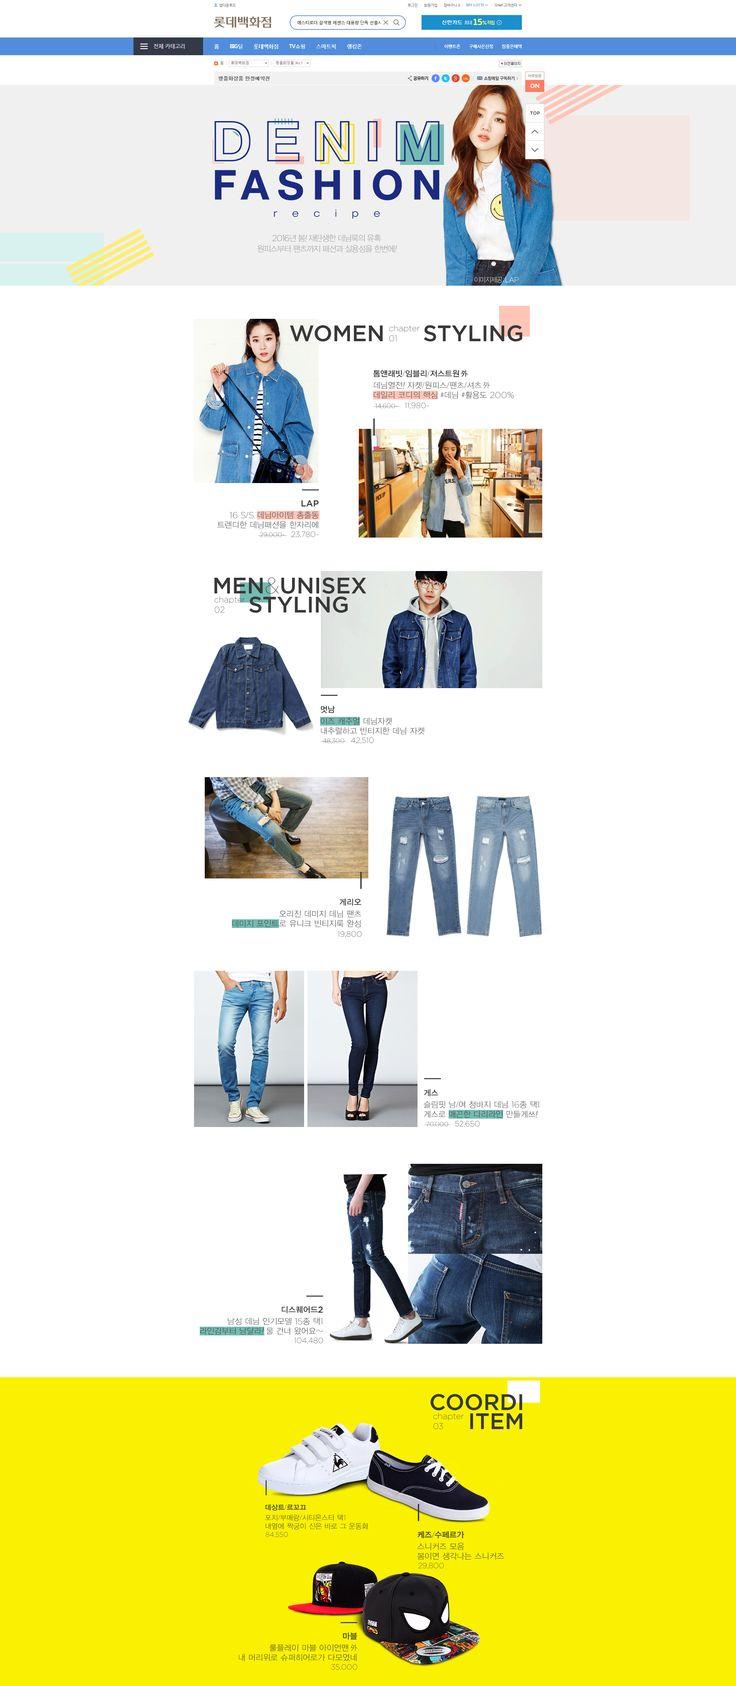 데님레시피_160328_Designed by 신현